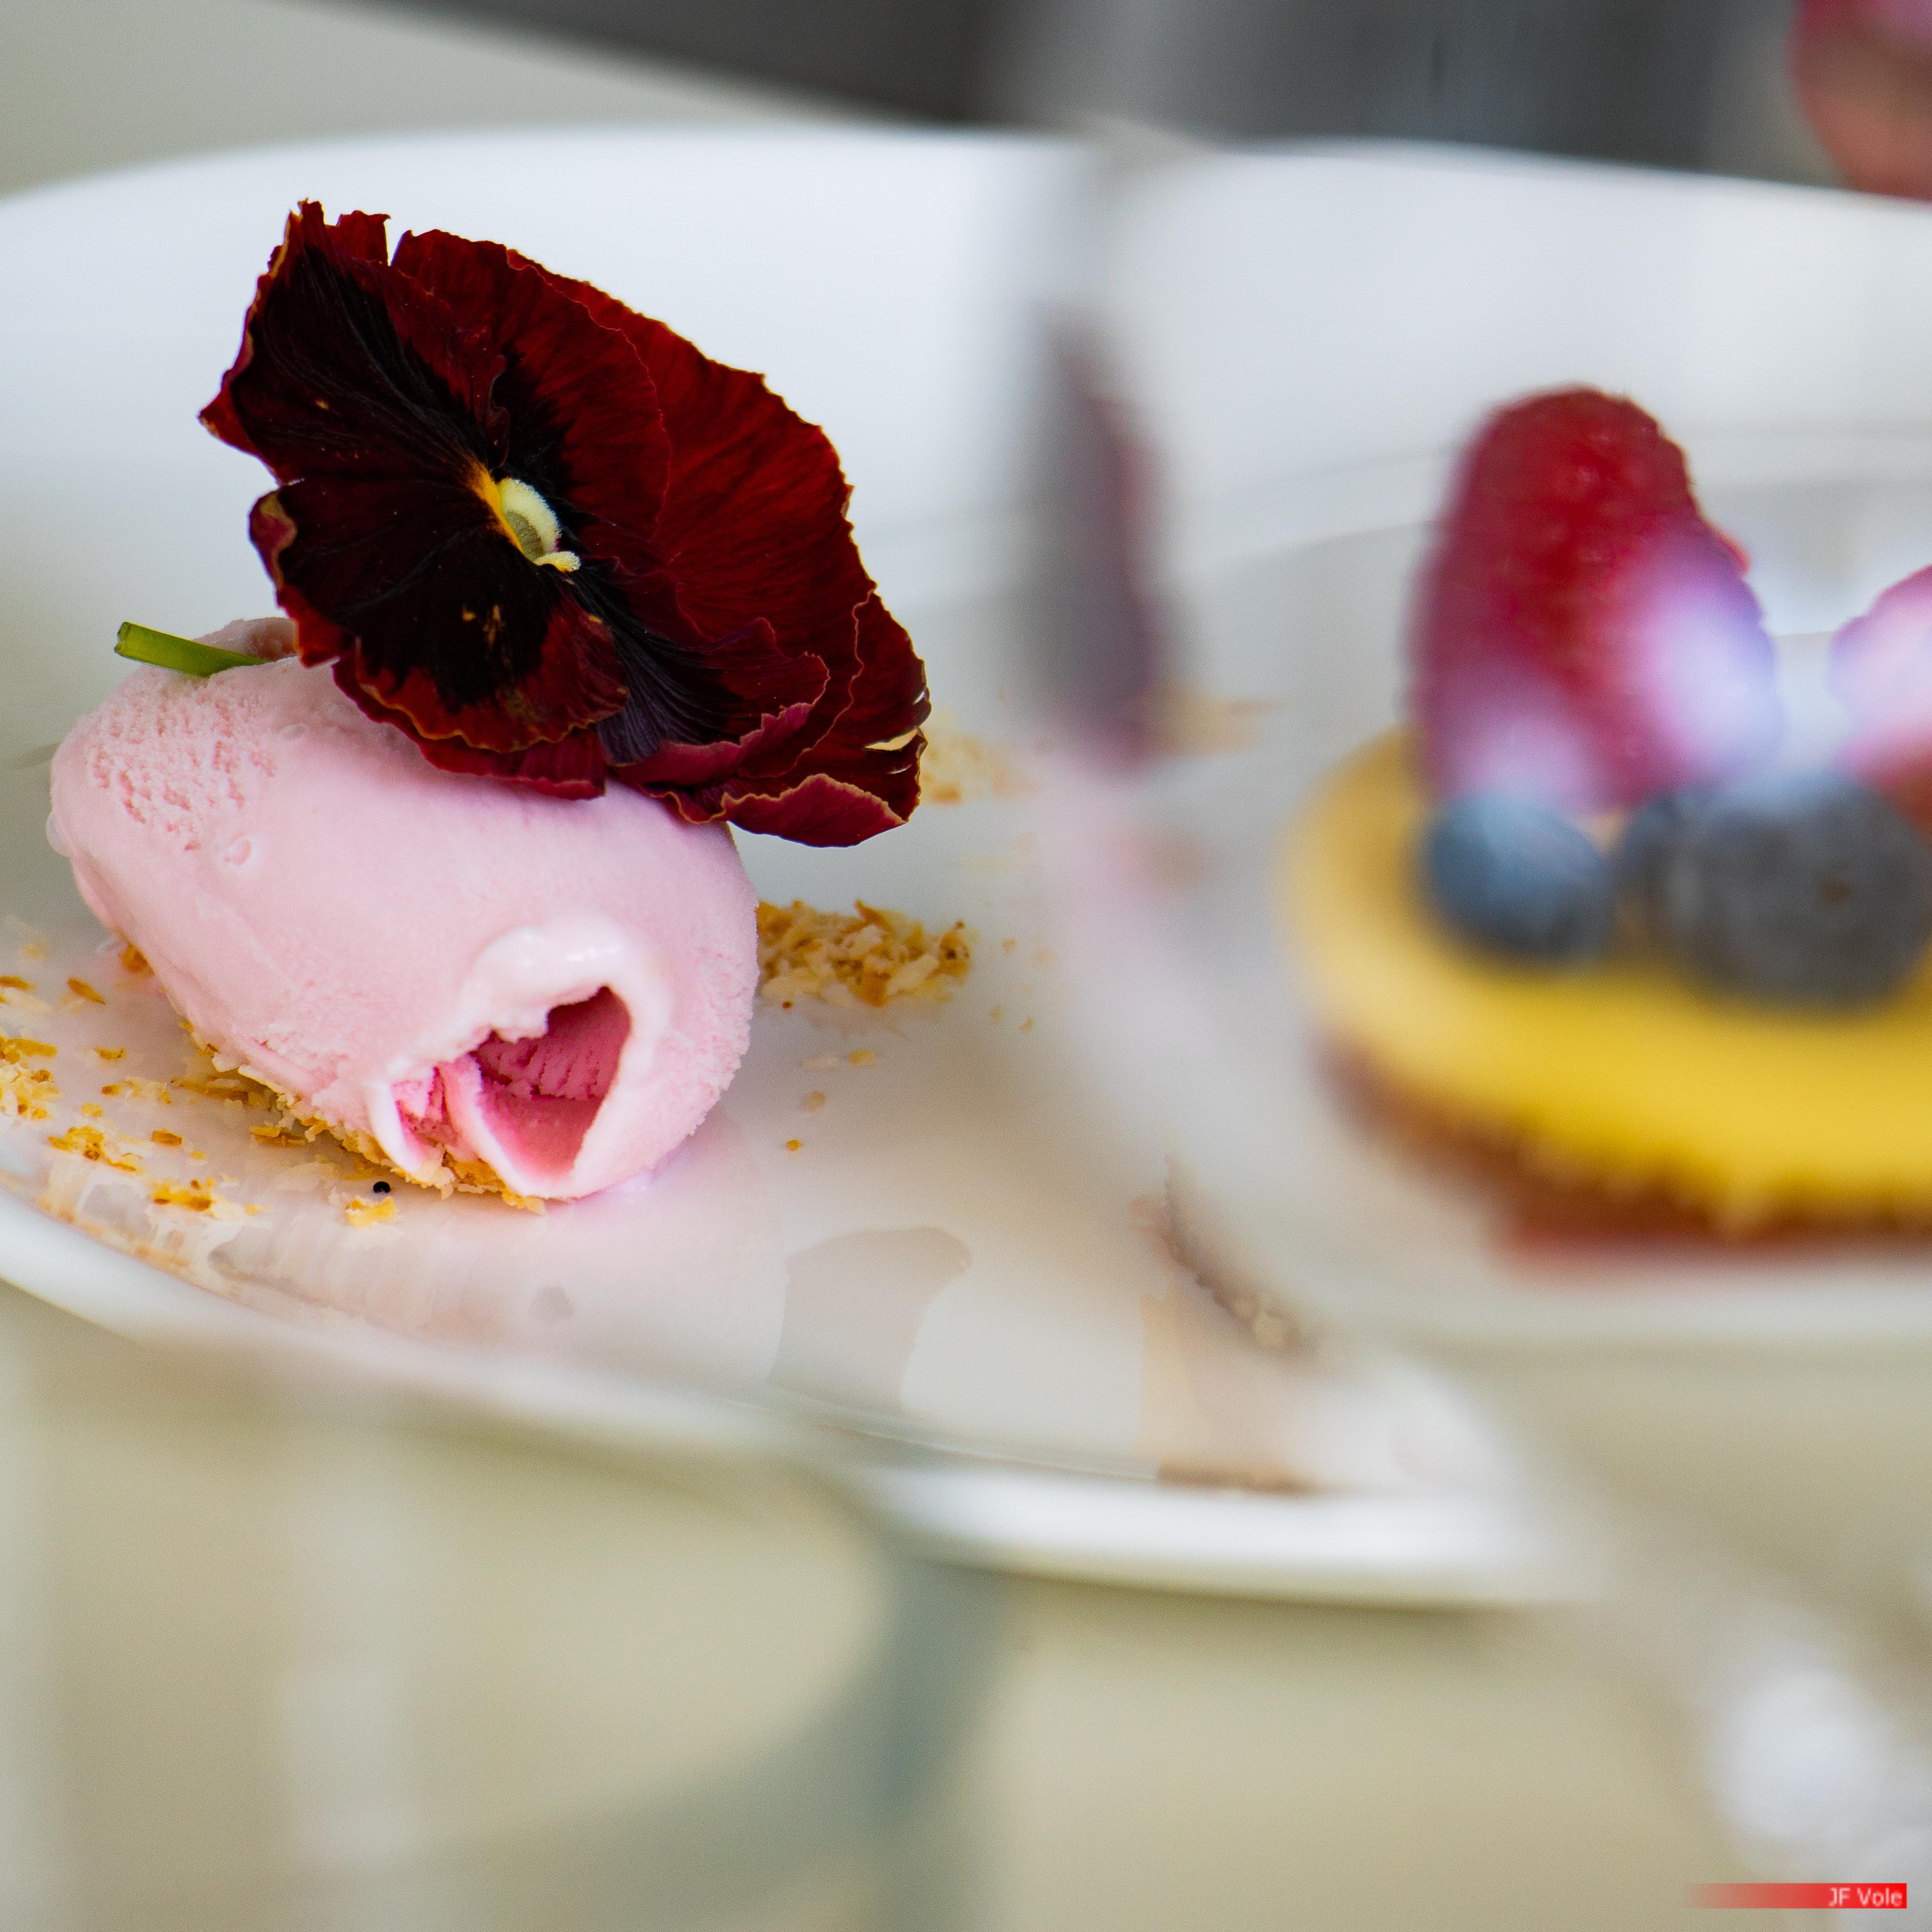 Dessert à la rose, vue partiellement dans un verre. Château La Coste, mai 2018.